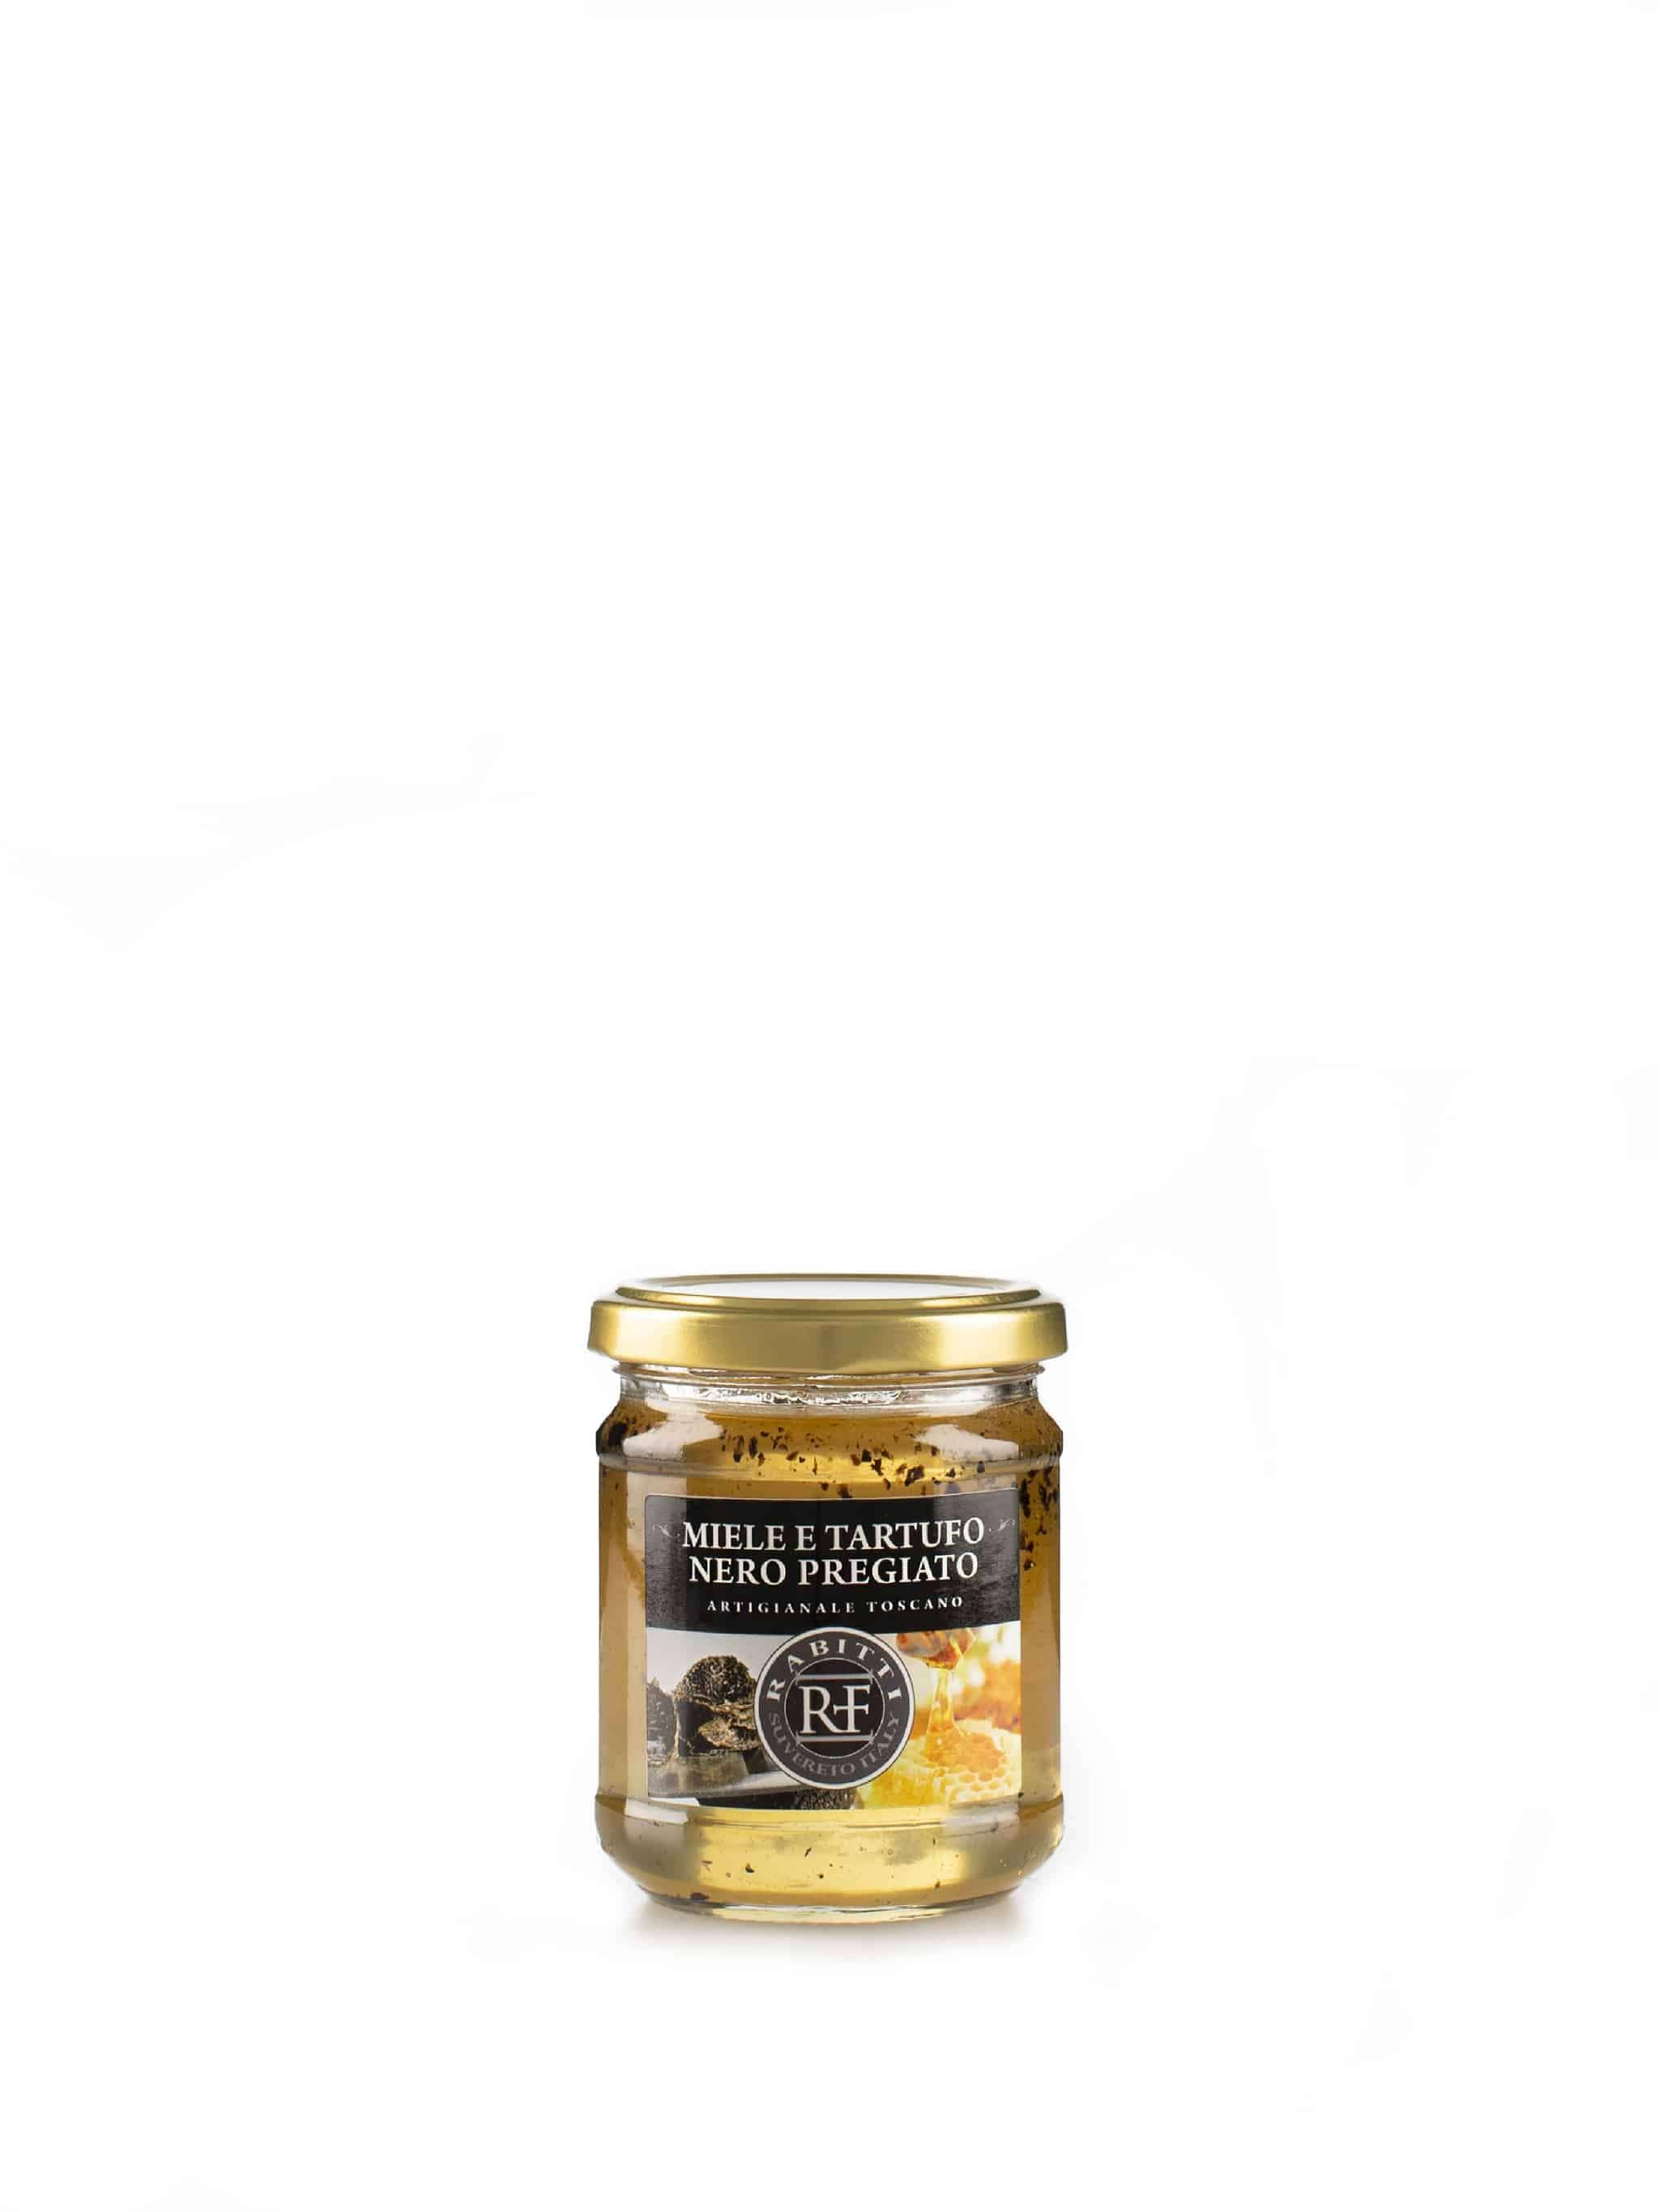 Honing met truffel - Miele e tartufo nero pregiato